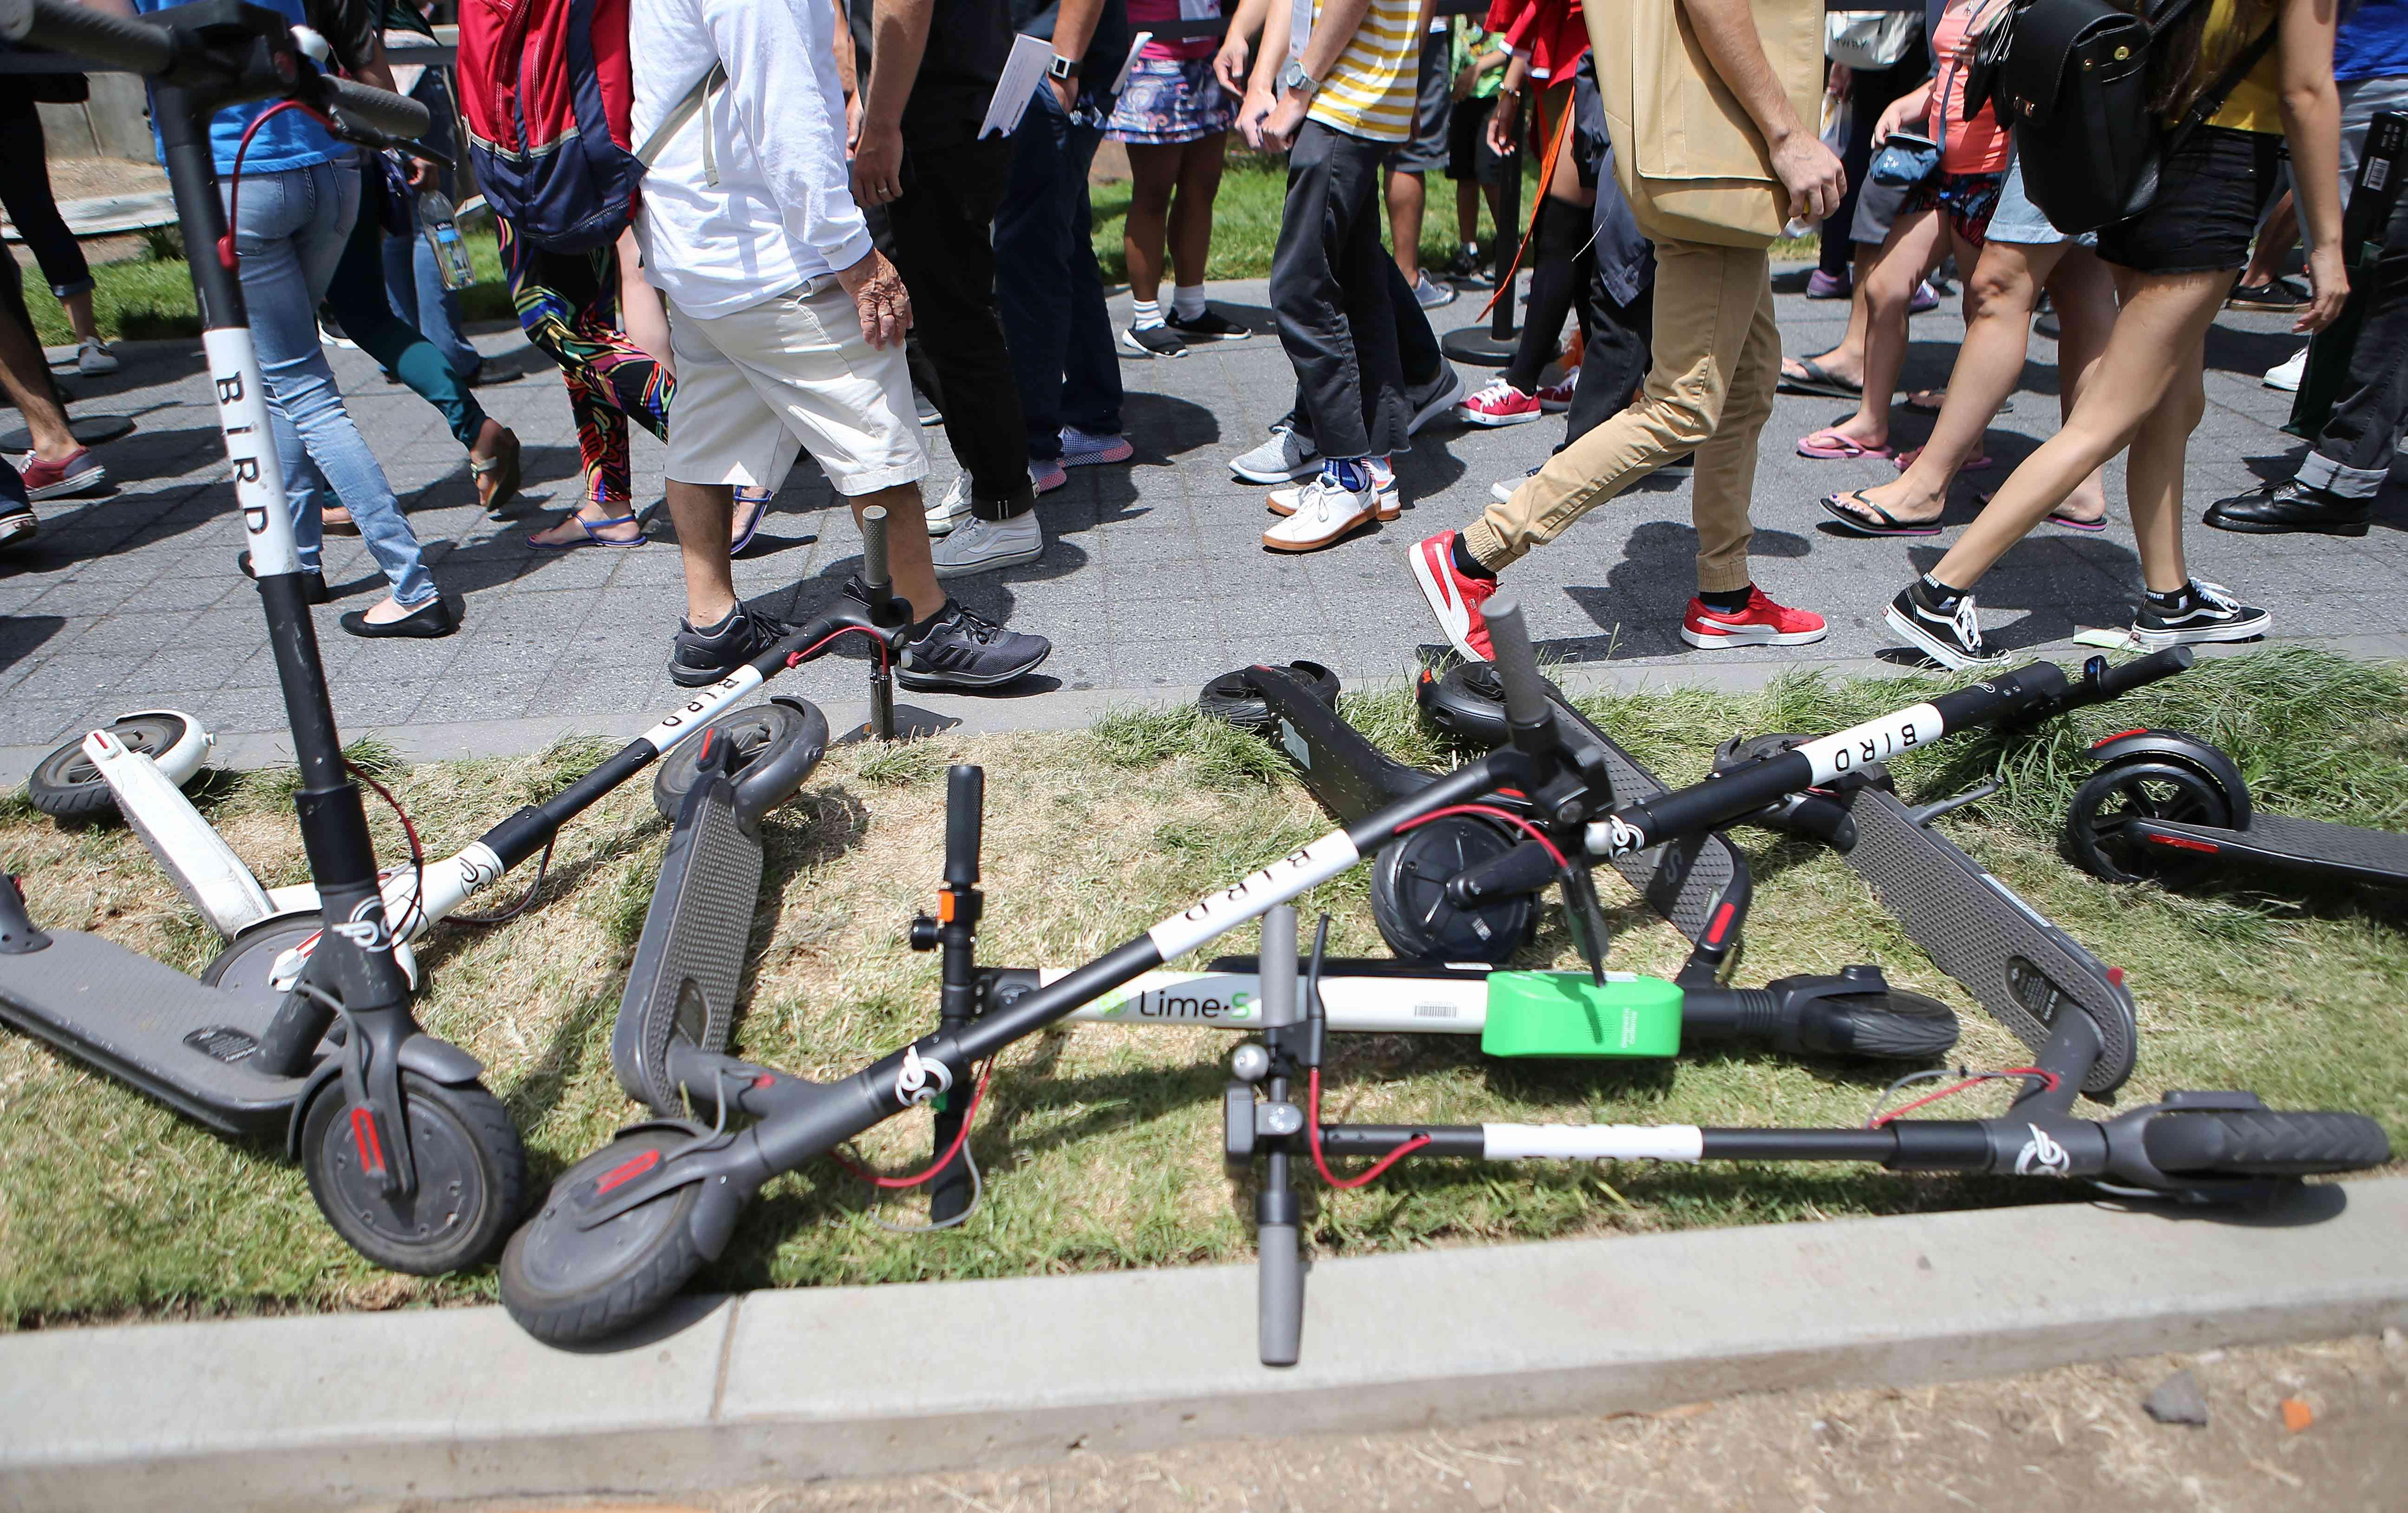 E-scooters litter sidewalk in San Diego